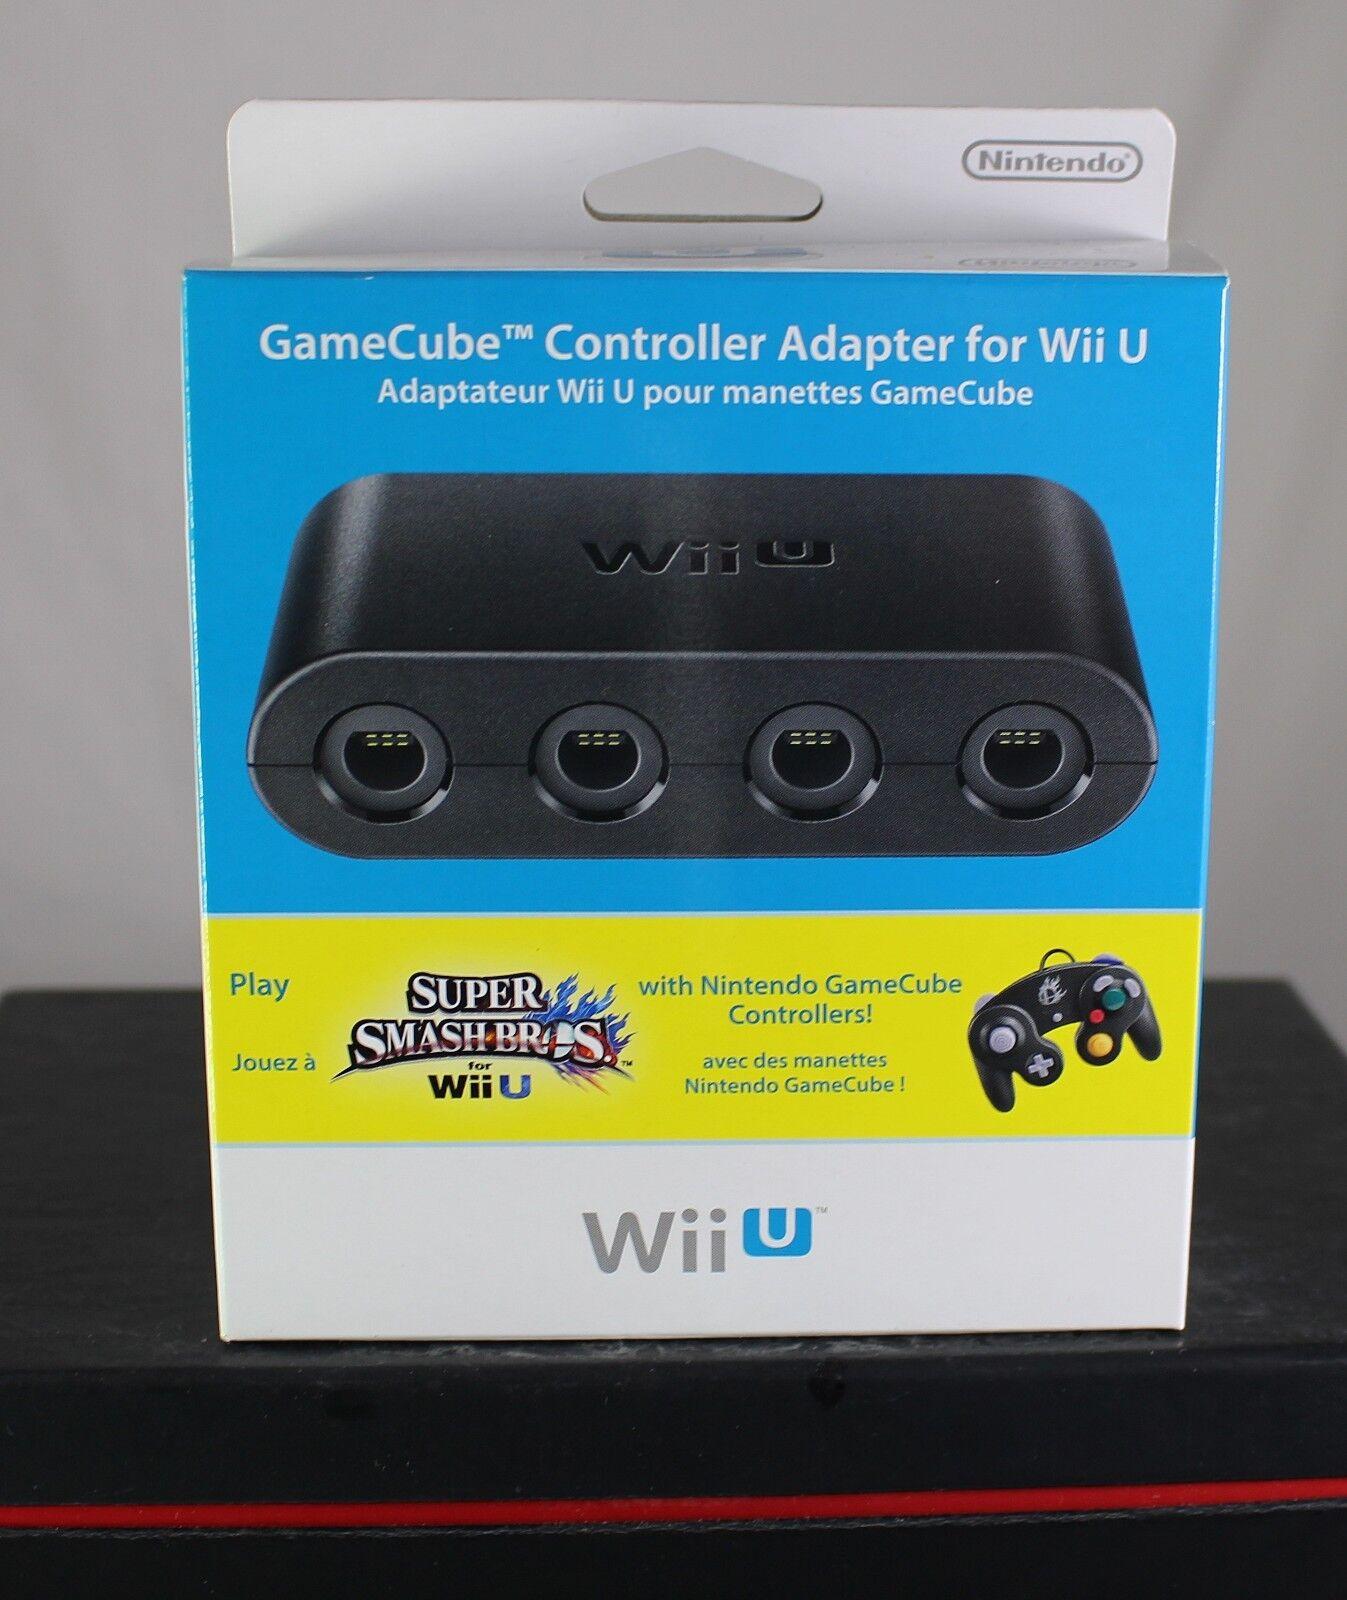 offiziell Nintendo Wii U GameCube Controller Adapter